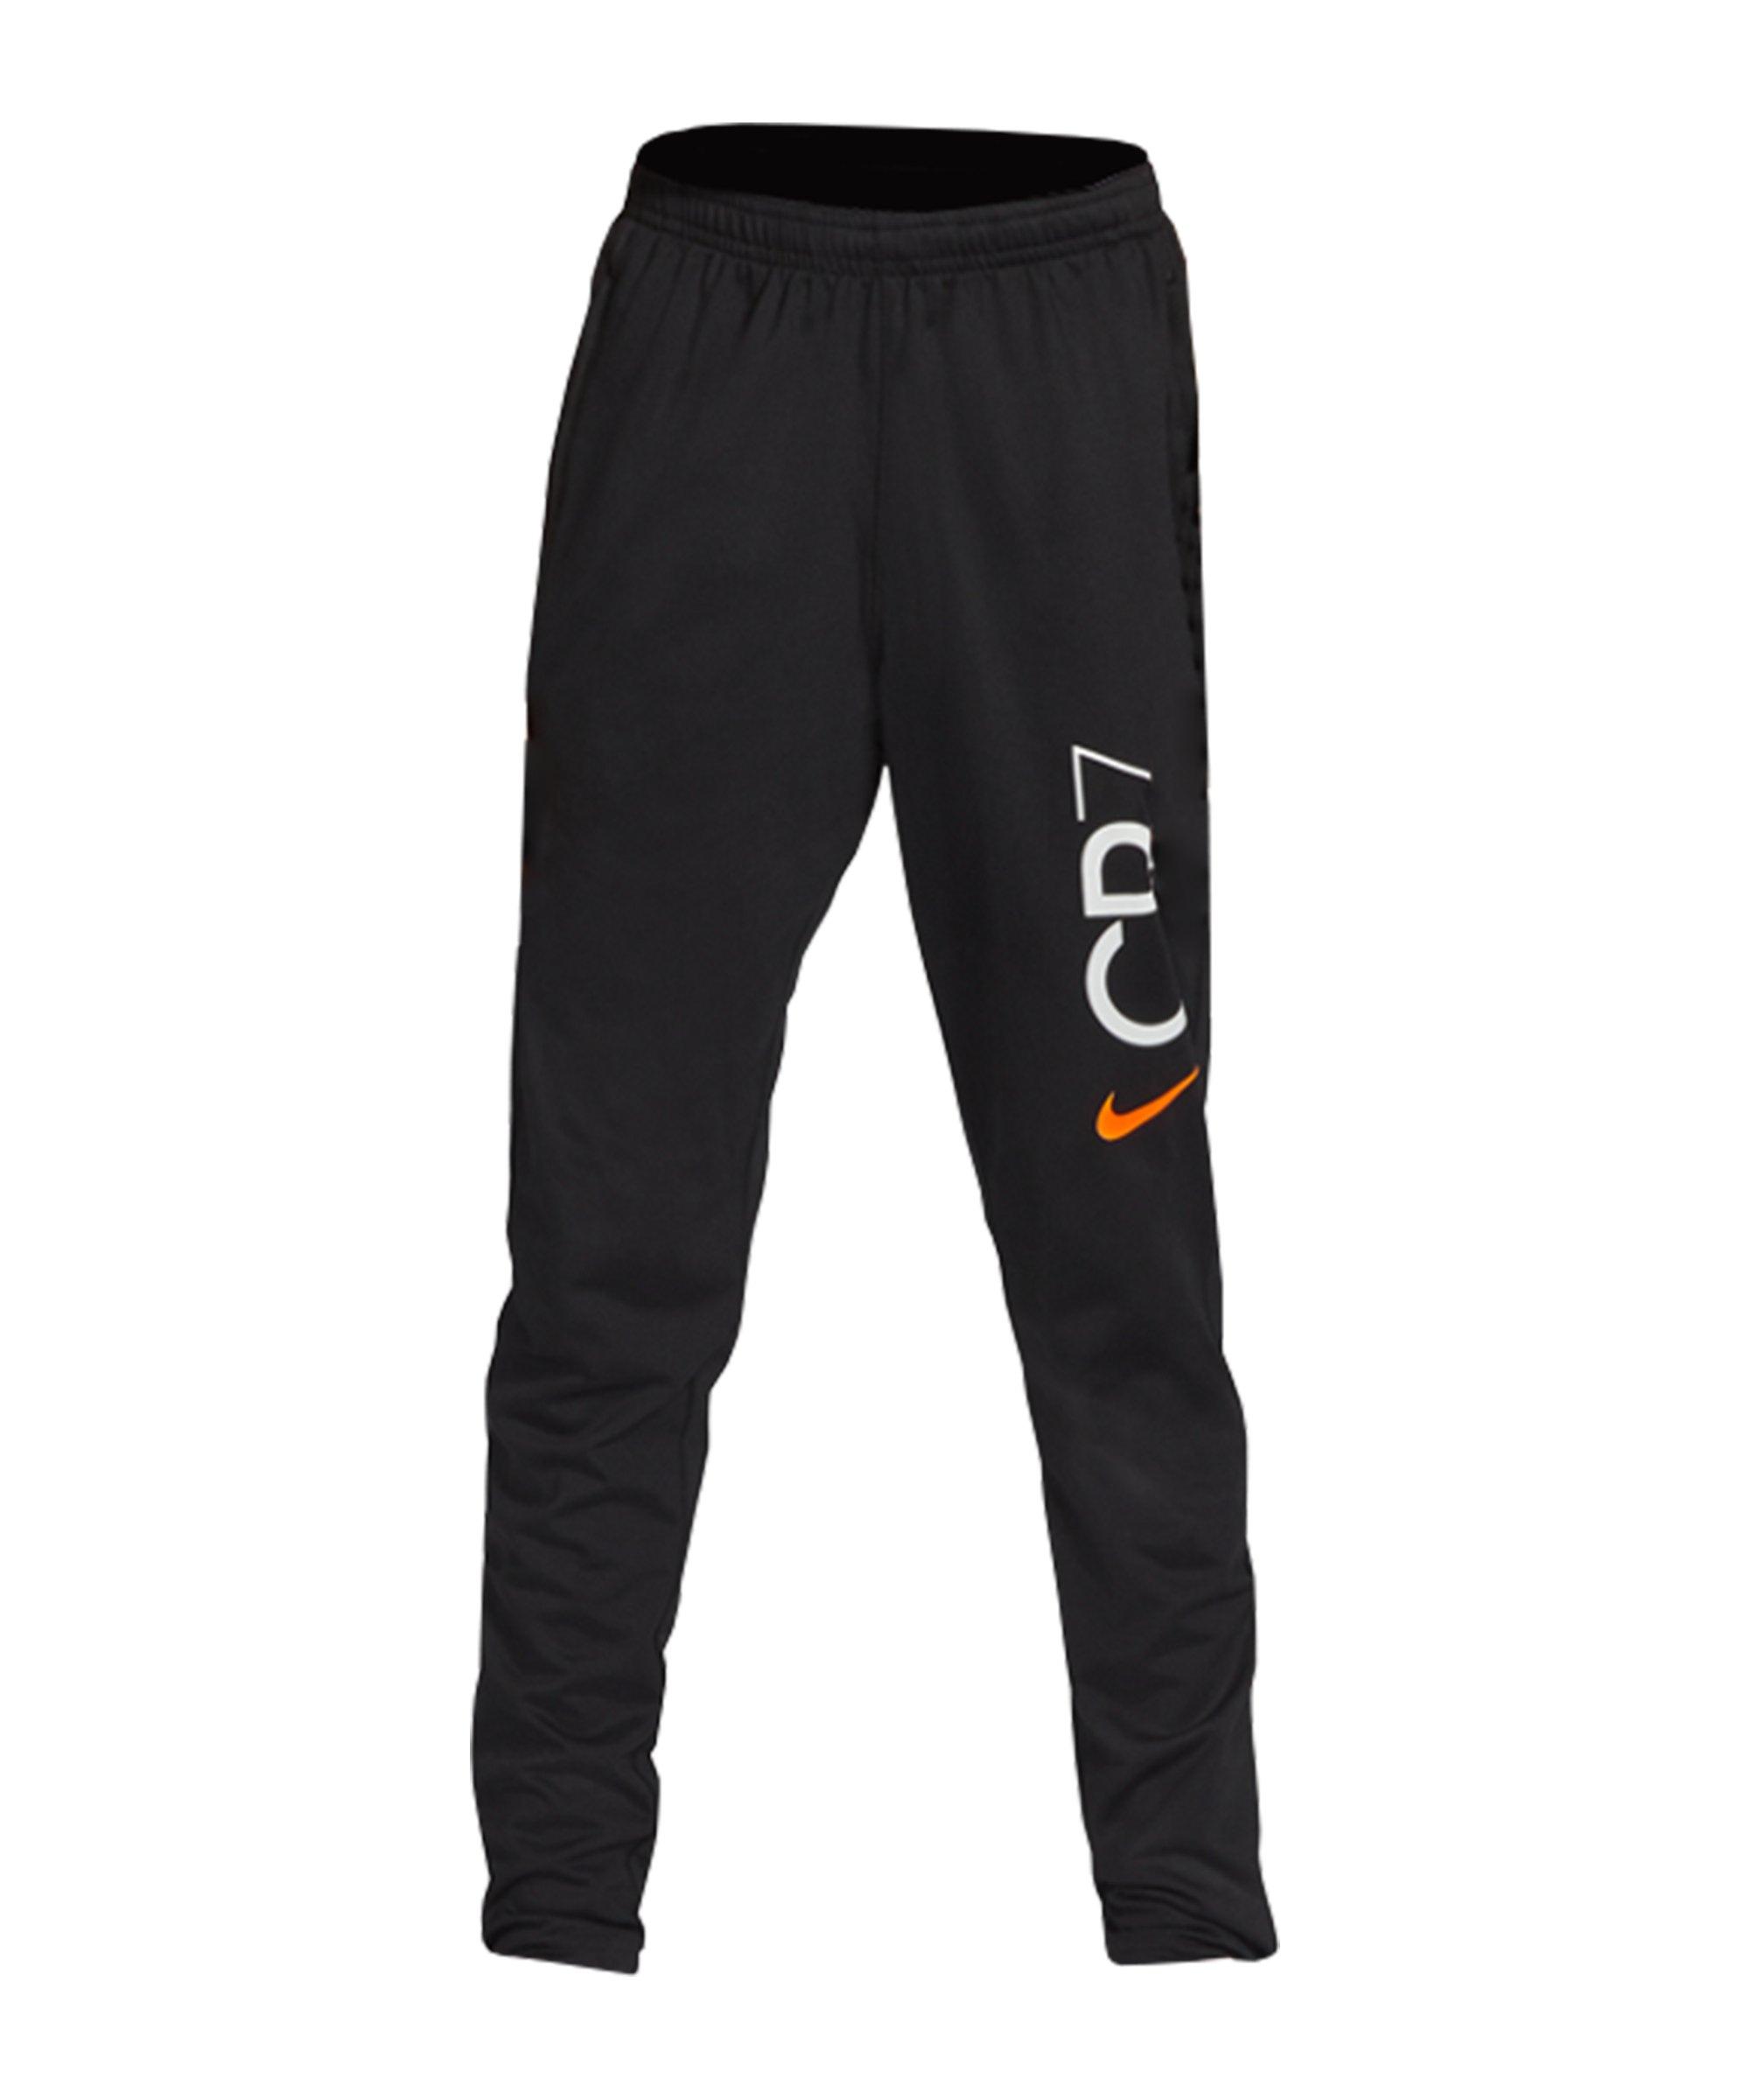 Nike CR7 Trainingshose Kids Schwarz F010 - schwarz